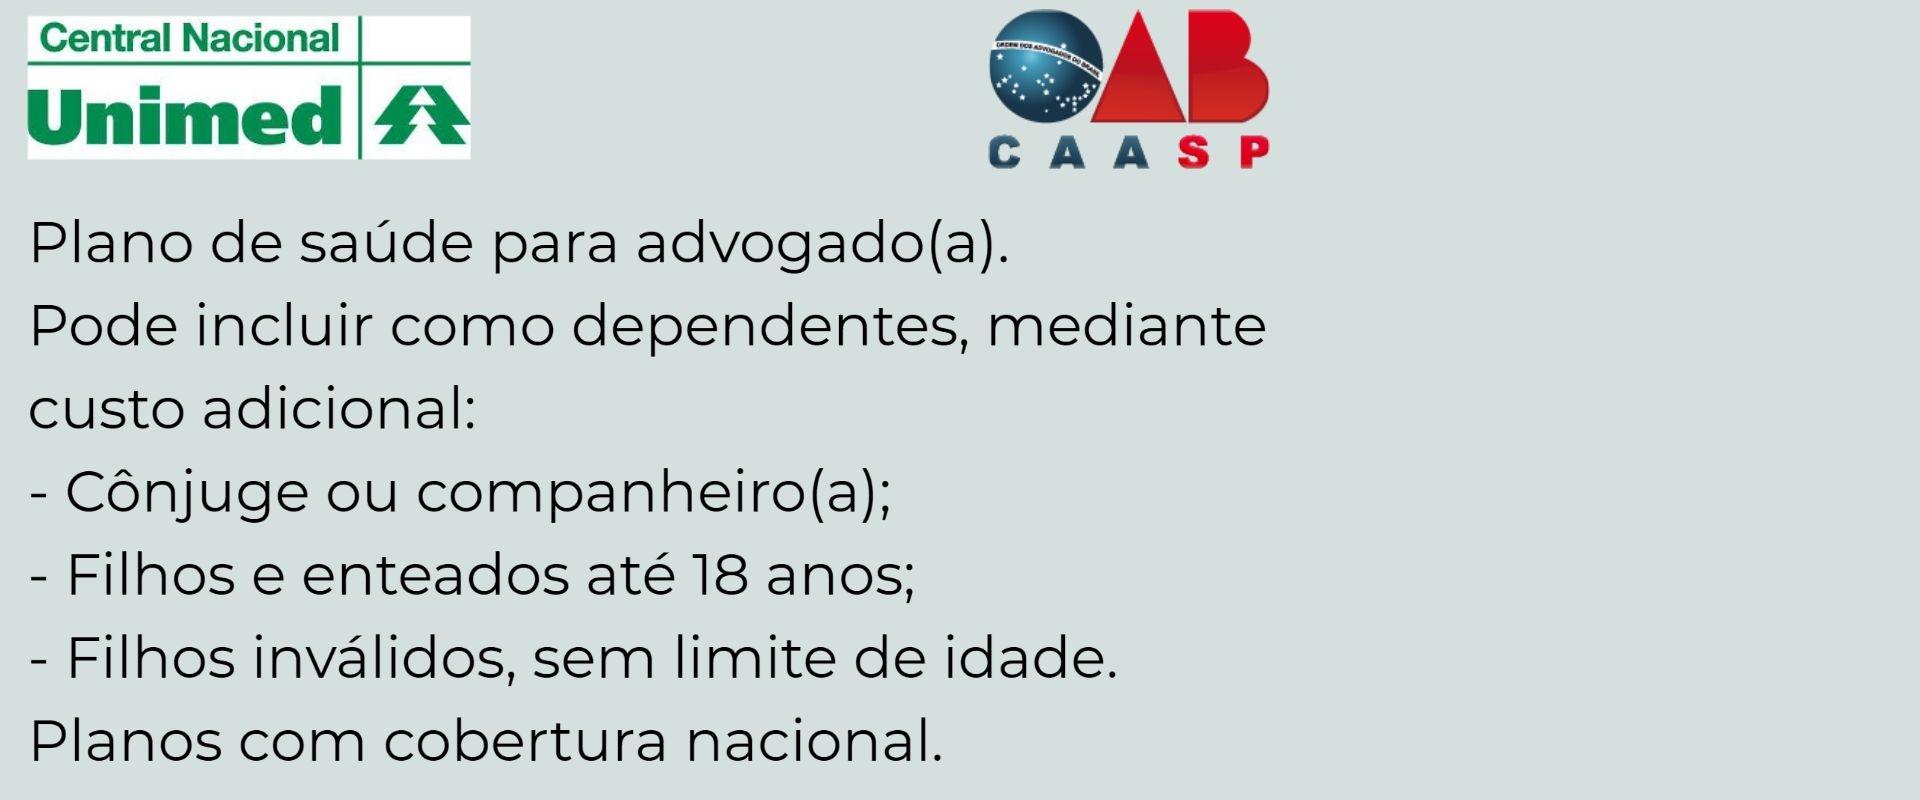 Unimed CAASP Ourinhos